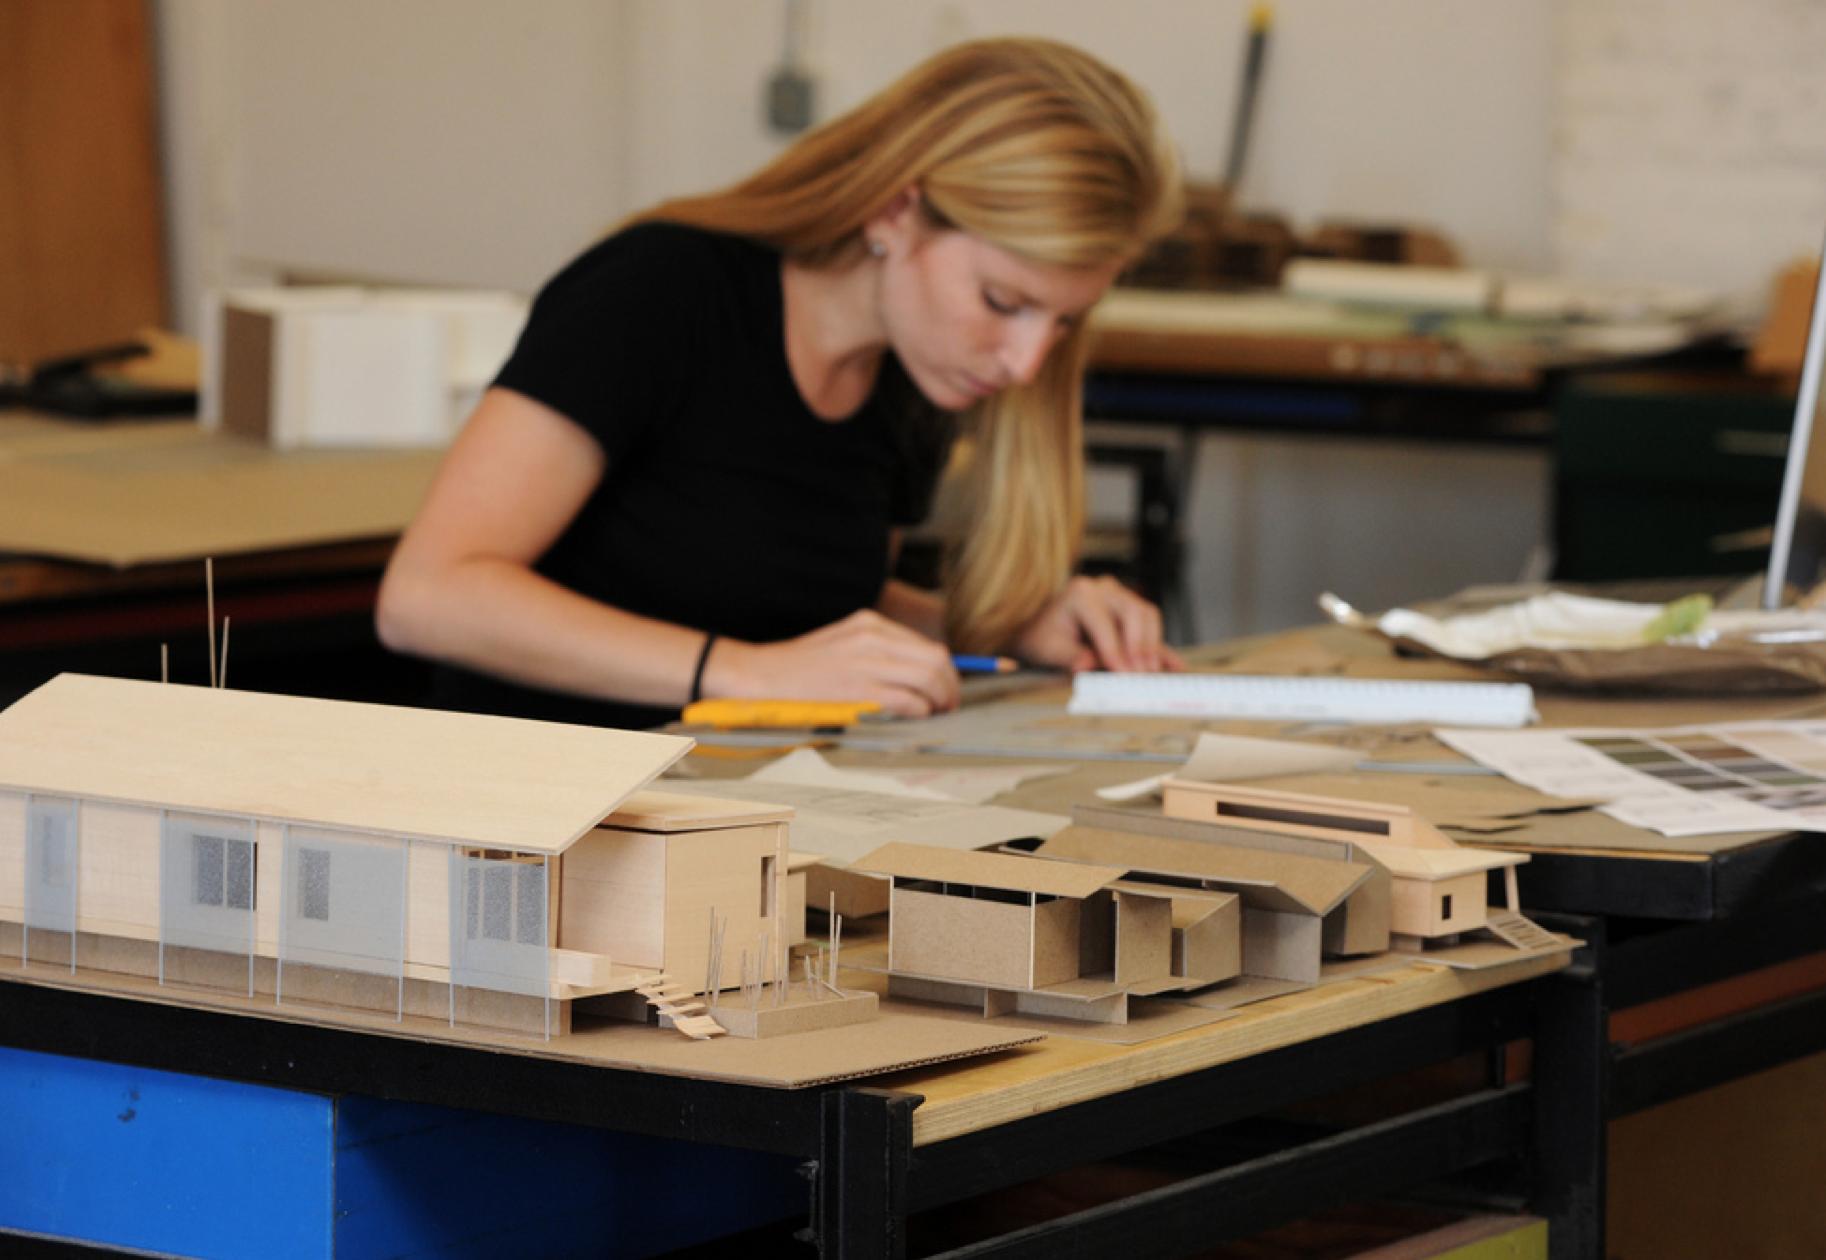 удаленная работа студент архитектор